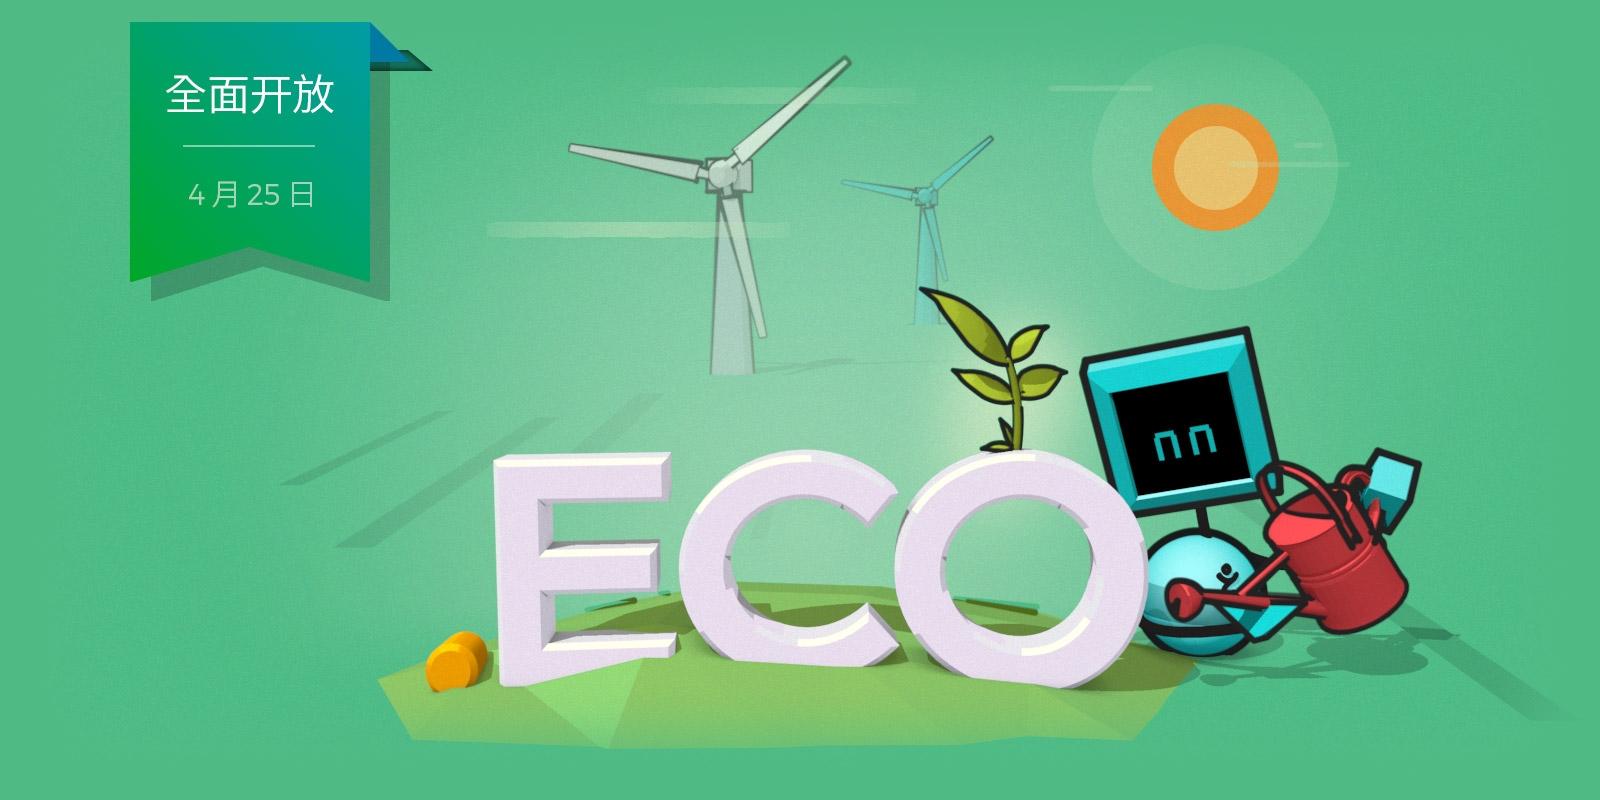 .eco 域名全面开放注册